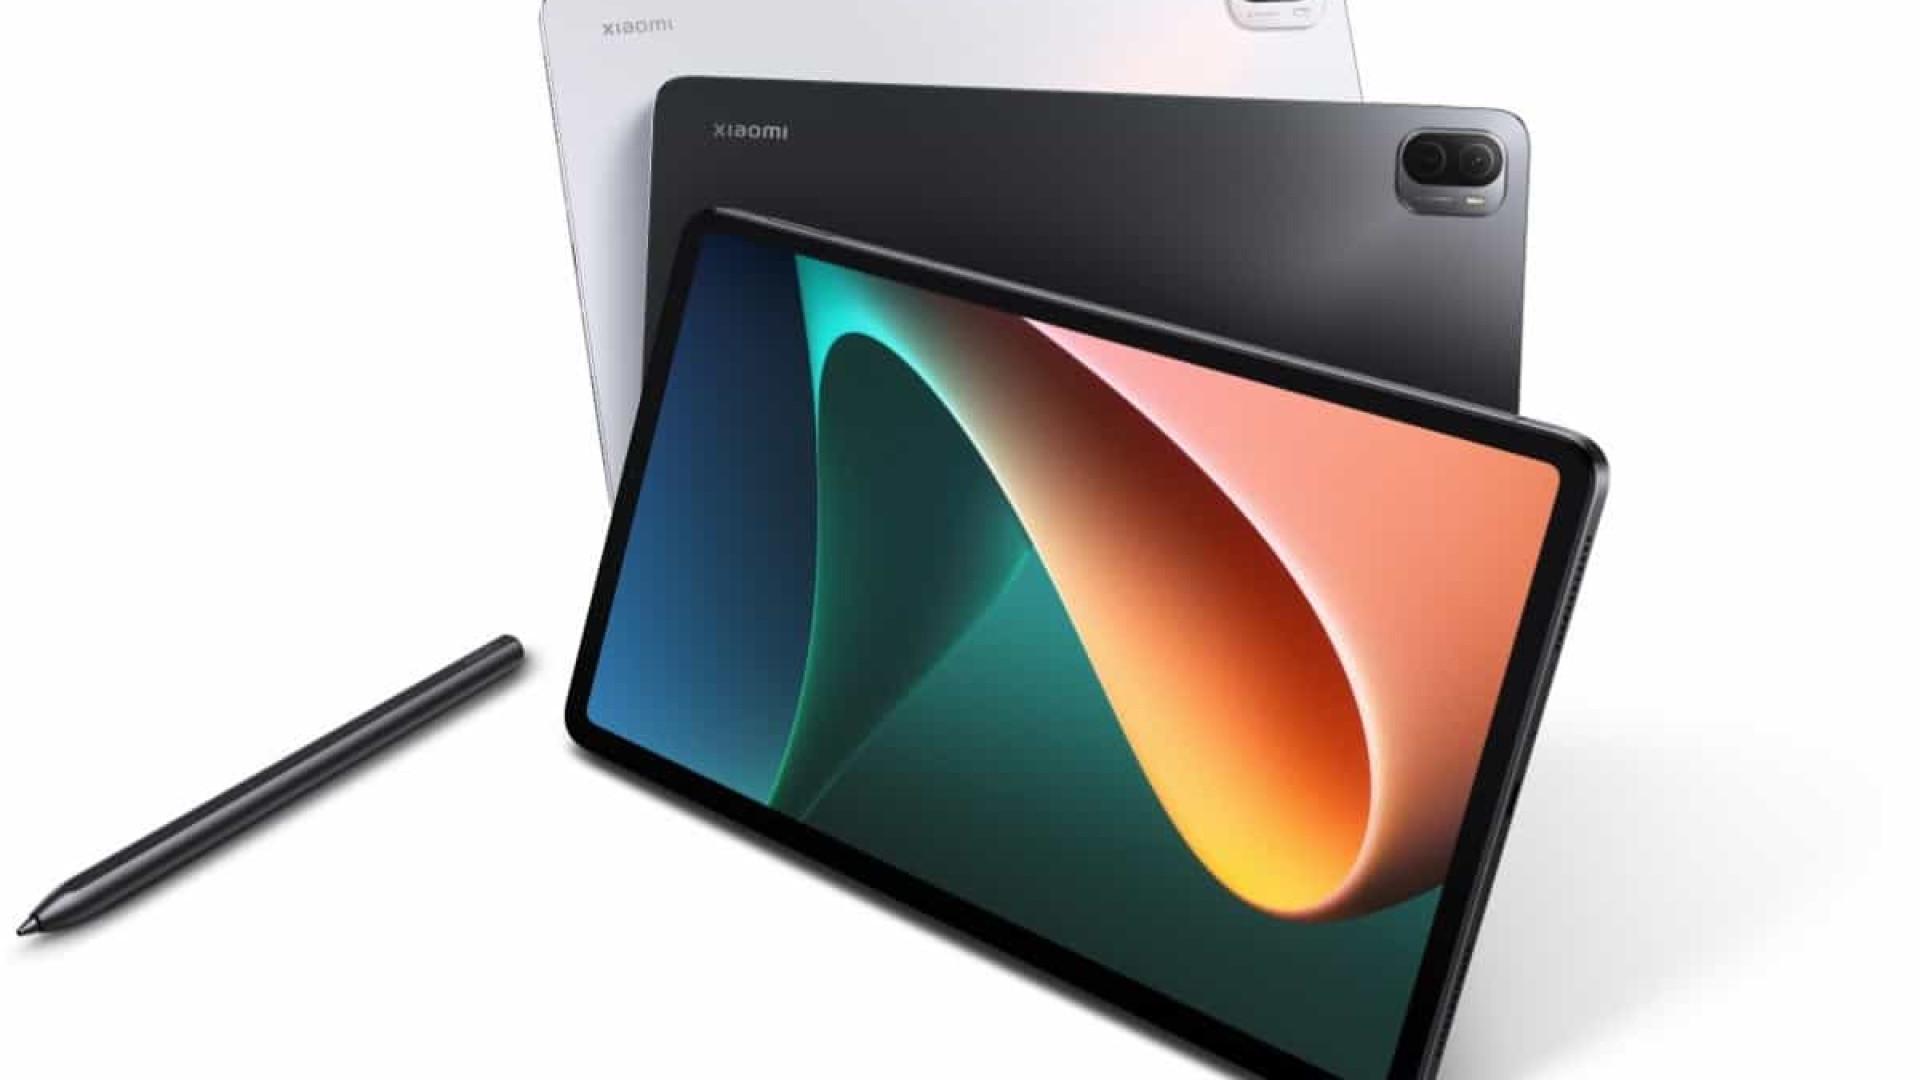 O novo tablet da Xiaomi tem lançamento confirmado na Europa